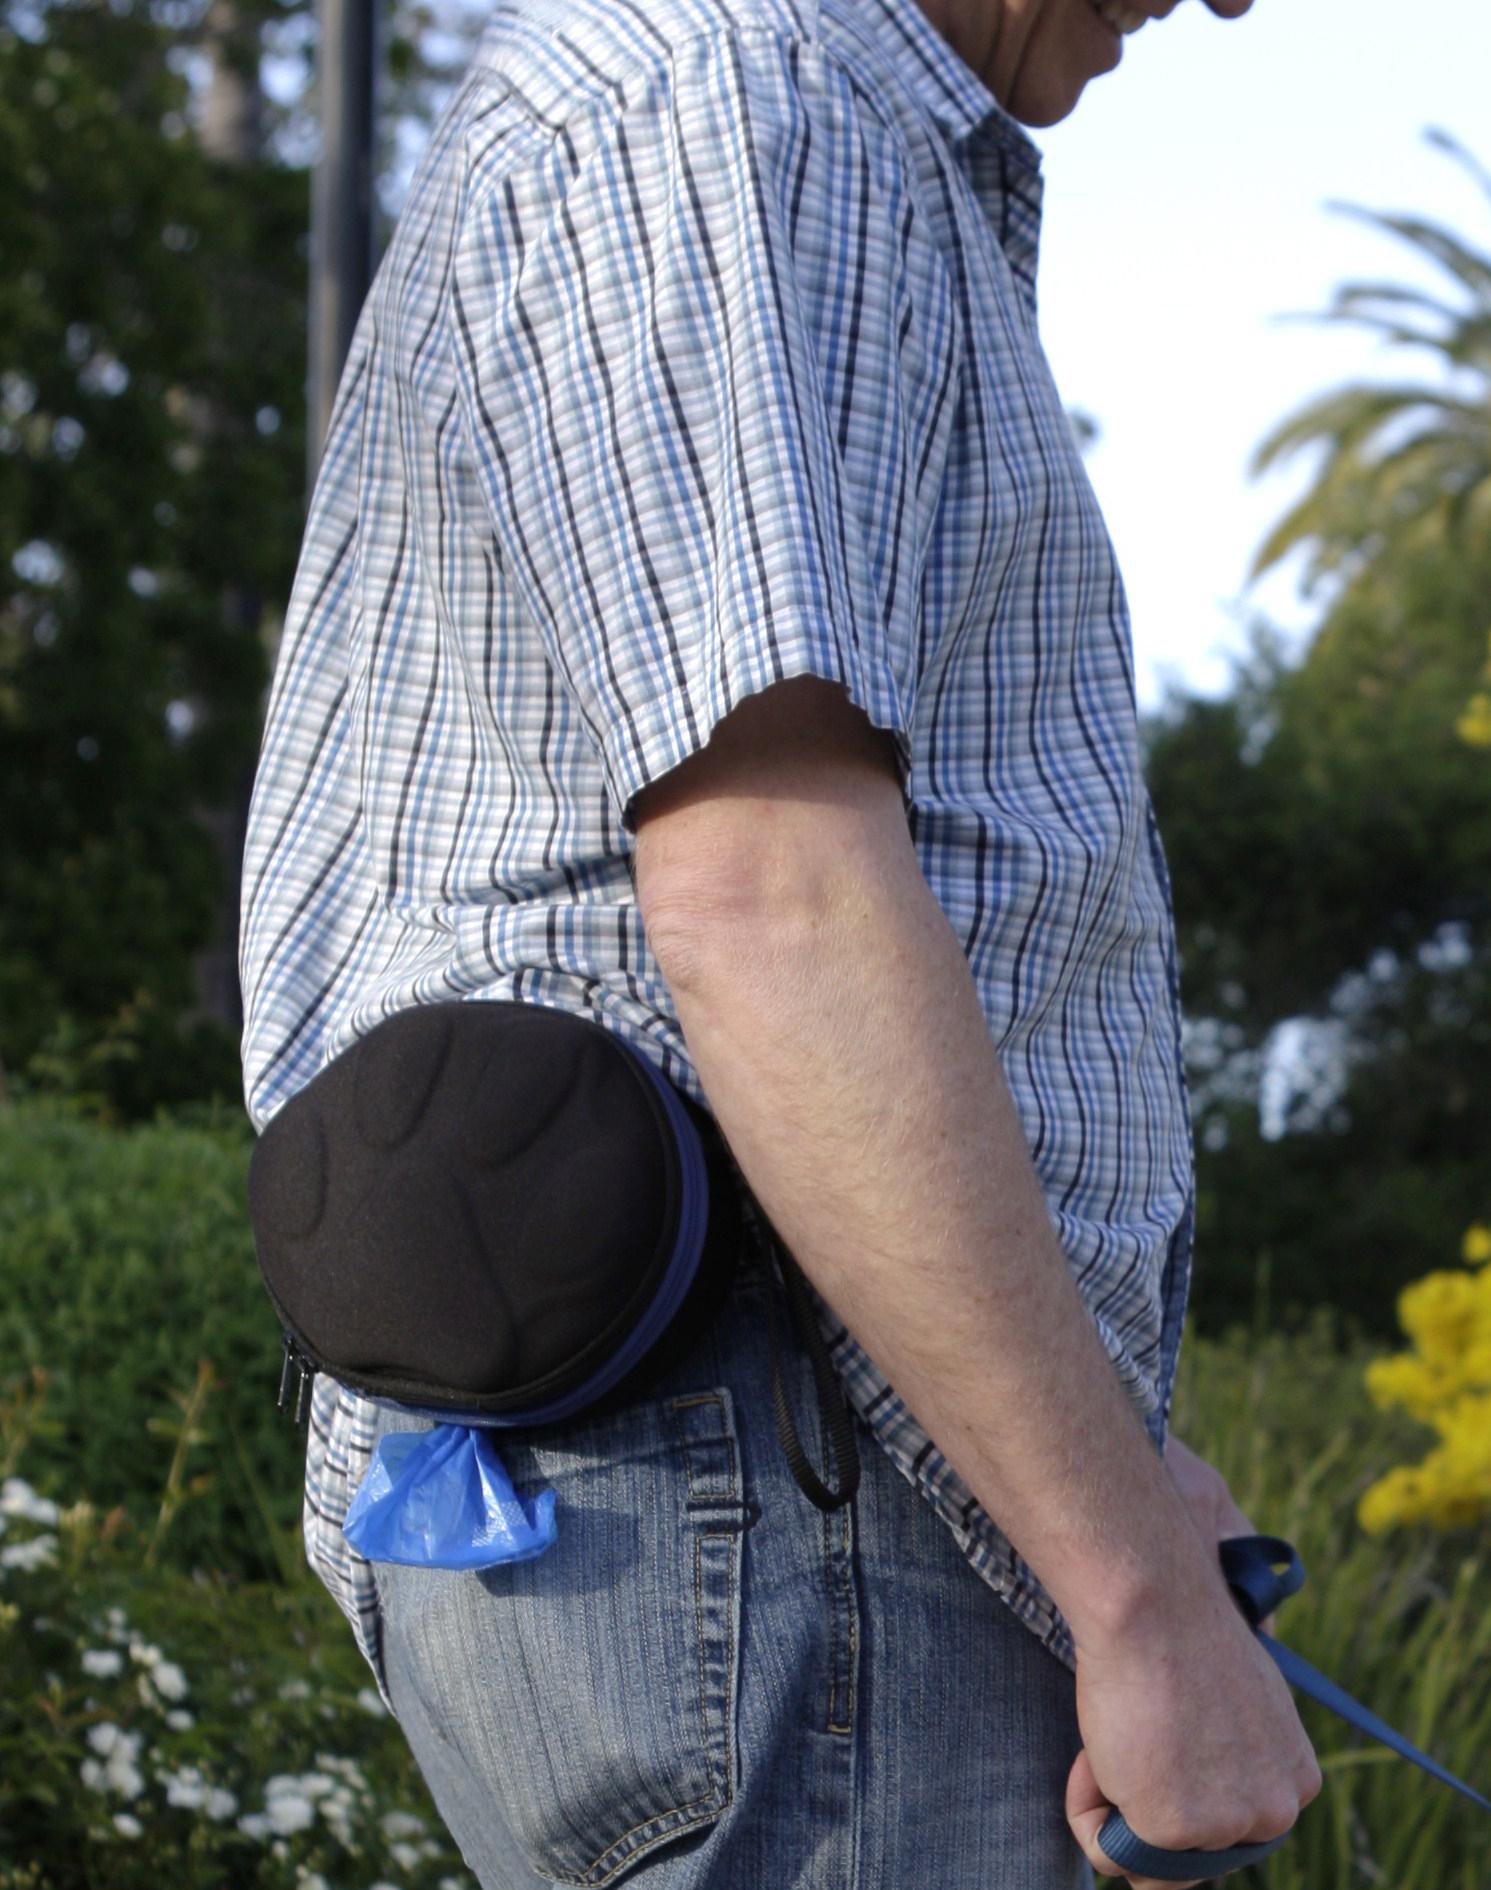 PoopPac Dog Walkers Bag for Men